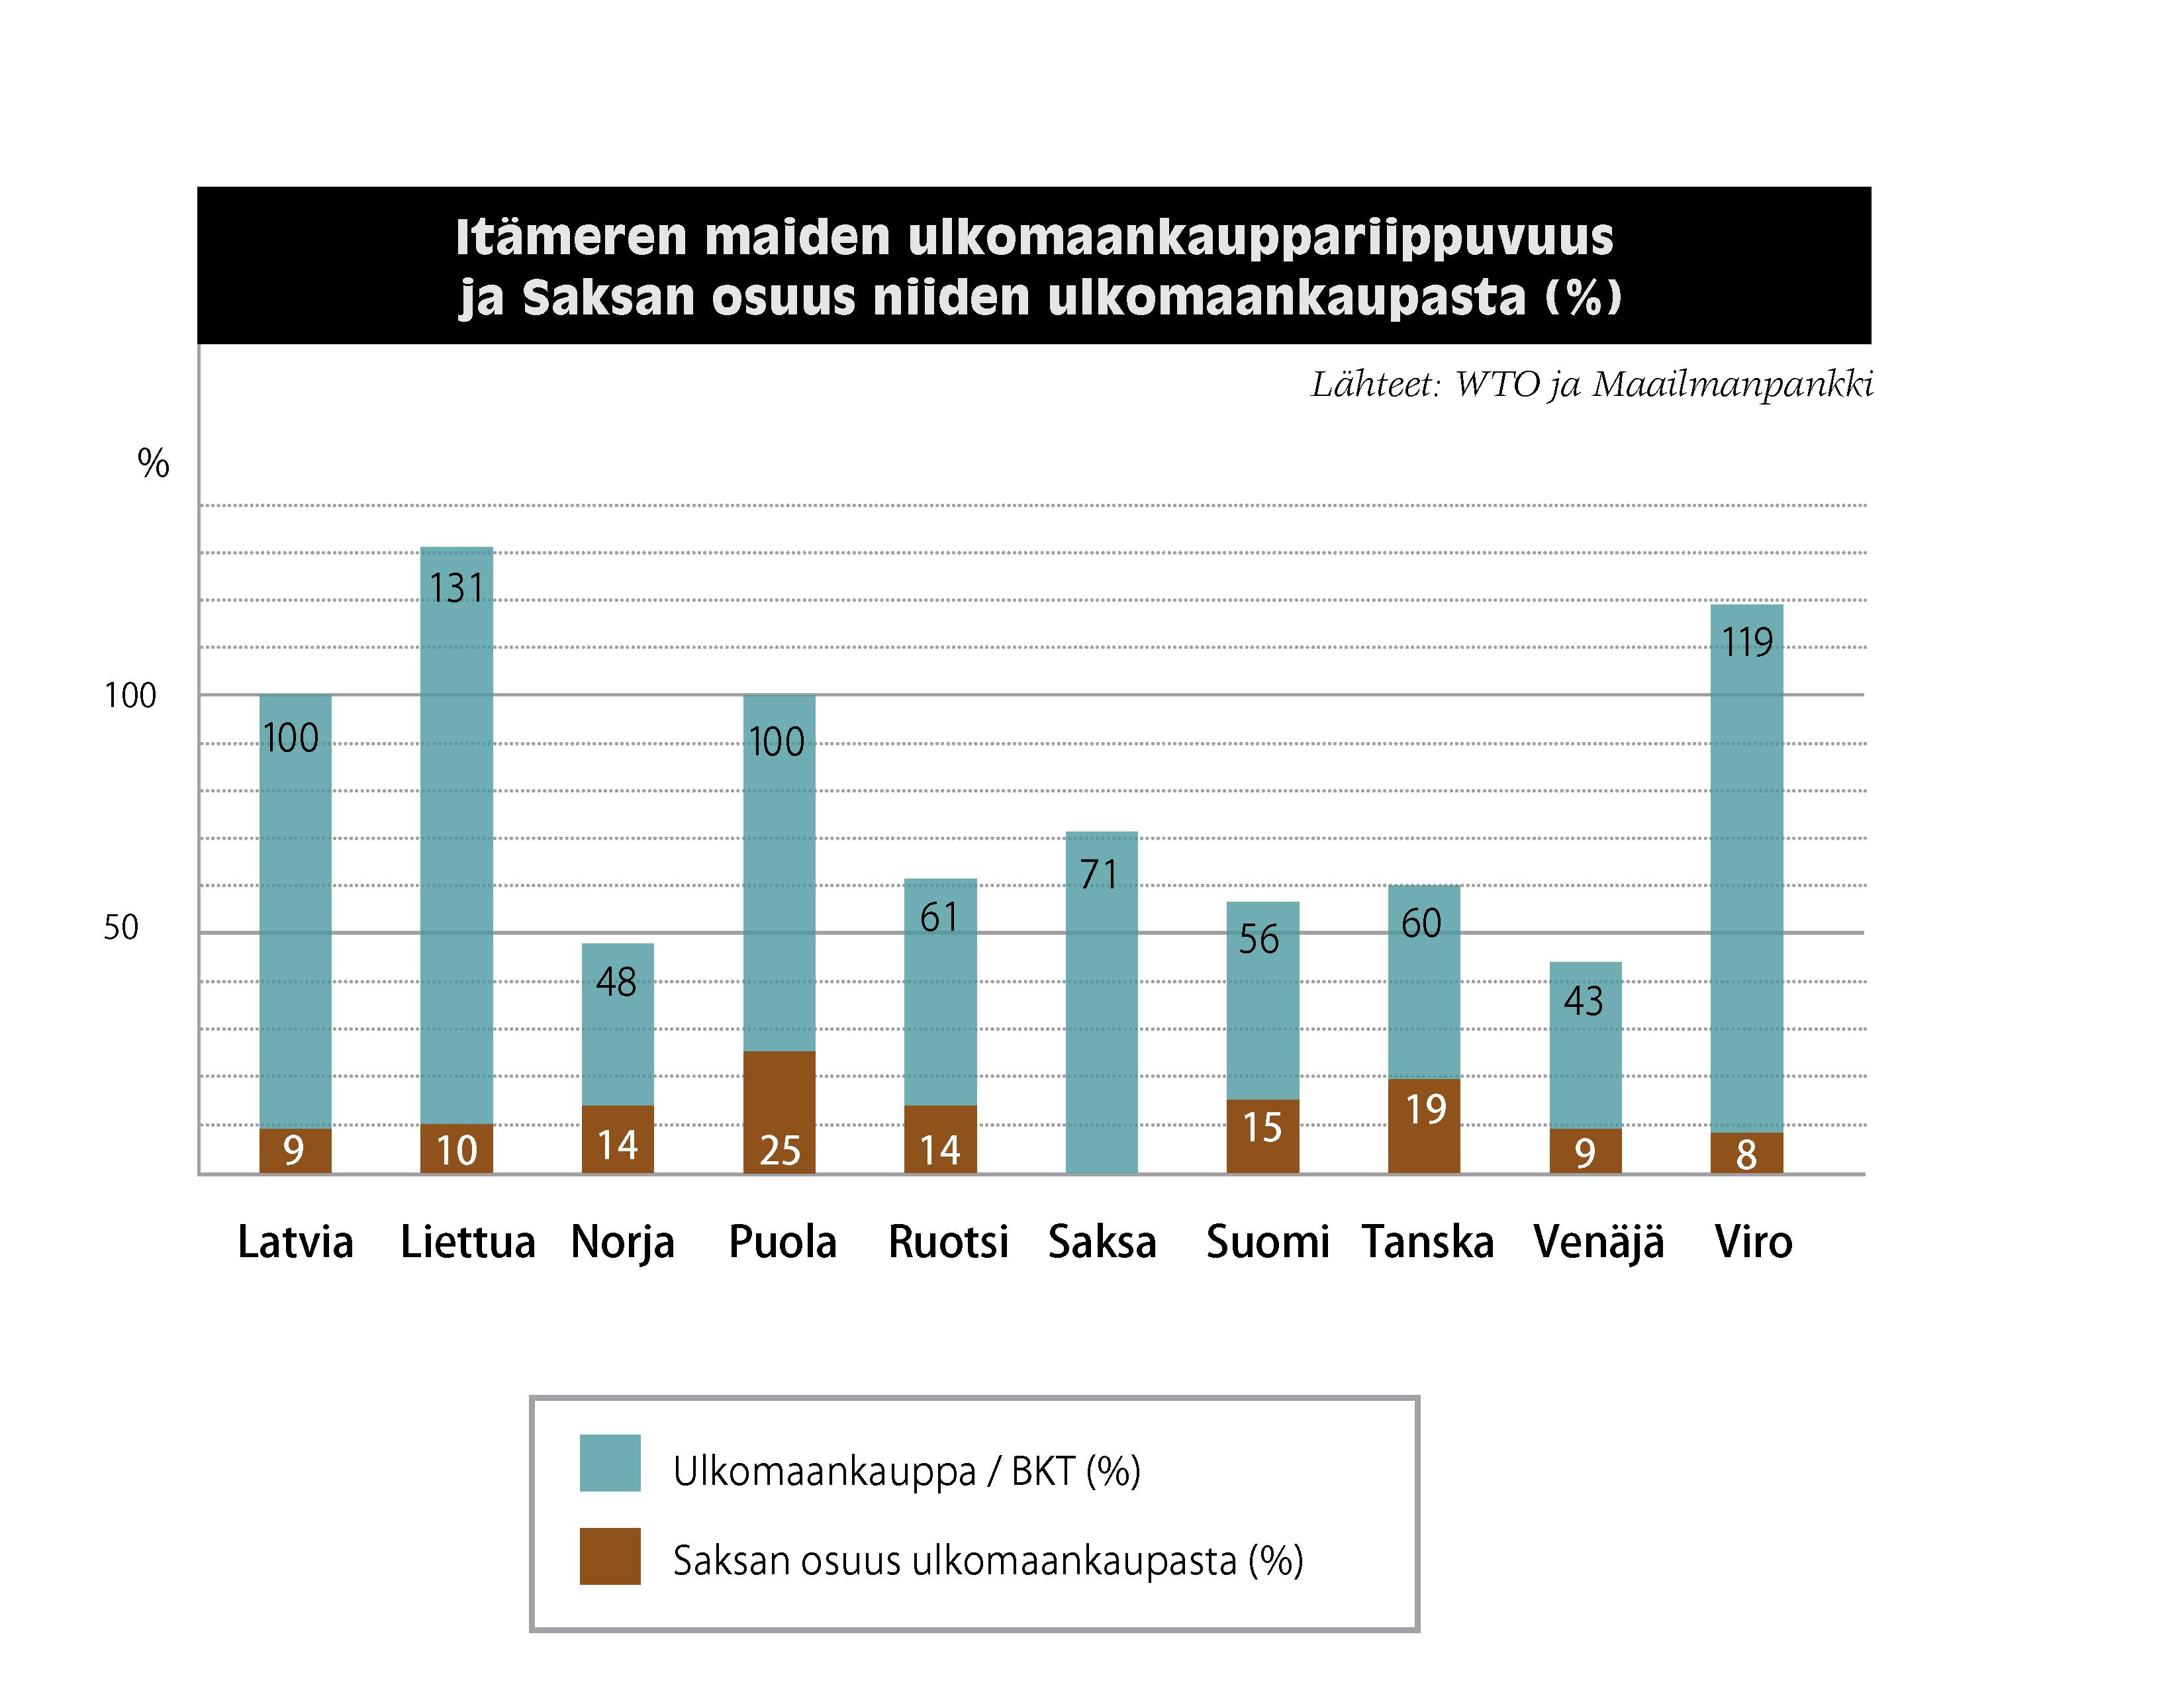 Itämeren maiden ulkomaankauppariippuvuus ja Saksan osuus niiden ulkomaankaupasta (%): Latvia ulkomaankauppa 100 % BKT:sta, Saksan osuus 9 %. Liettua 131/ 10. Norja 48 / 14. Puola 100 / 25. Ruotsi 61 / 14. Saksa 71. Suomi 56 / 15. Tanska 60 / 19. Venäjä 43 / 9. Viro 119 / 8. Lähteet: WTO ja Maailmanpankki.